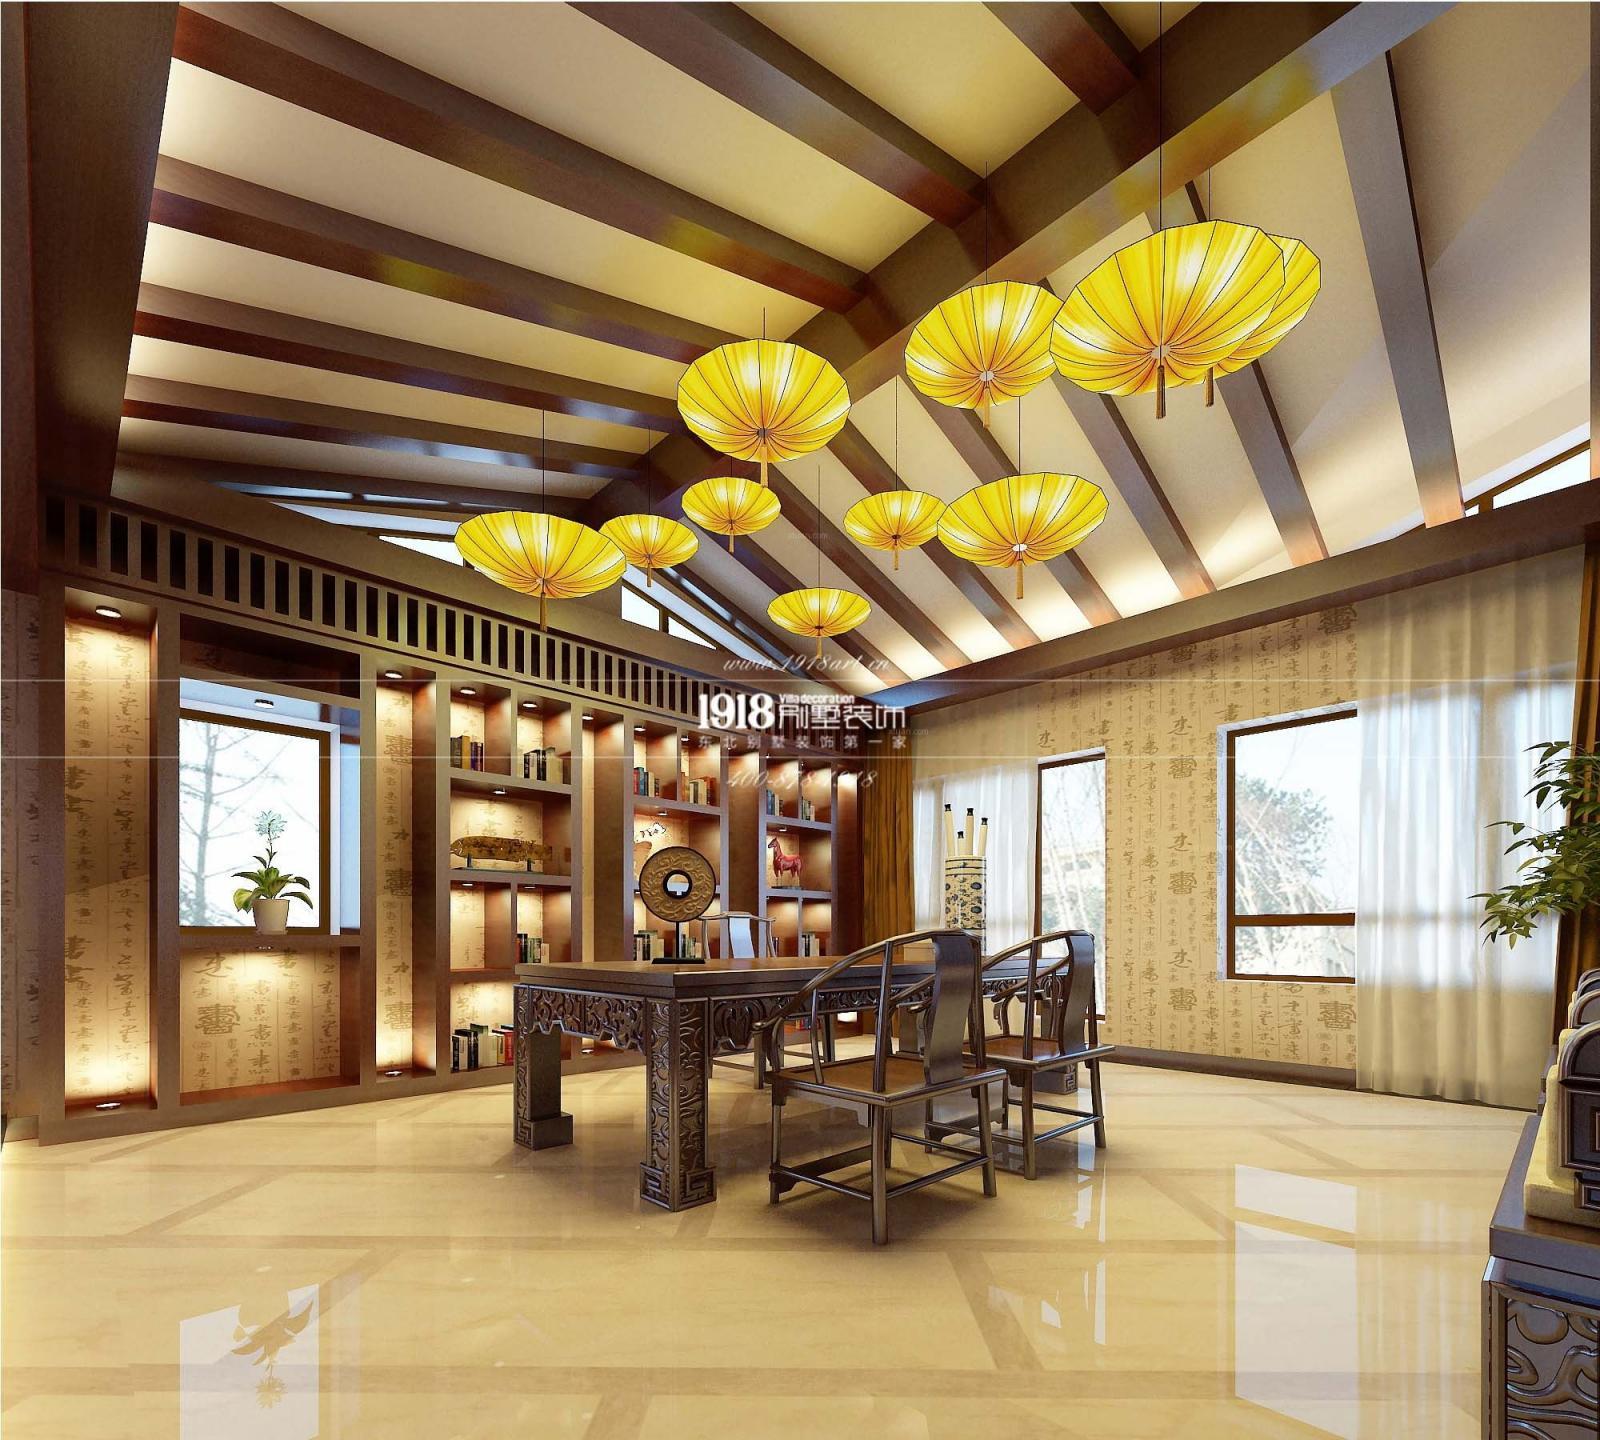 别墅中式风格餐厅_锦州联排别墅中式风格装修效果图图片